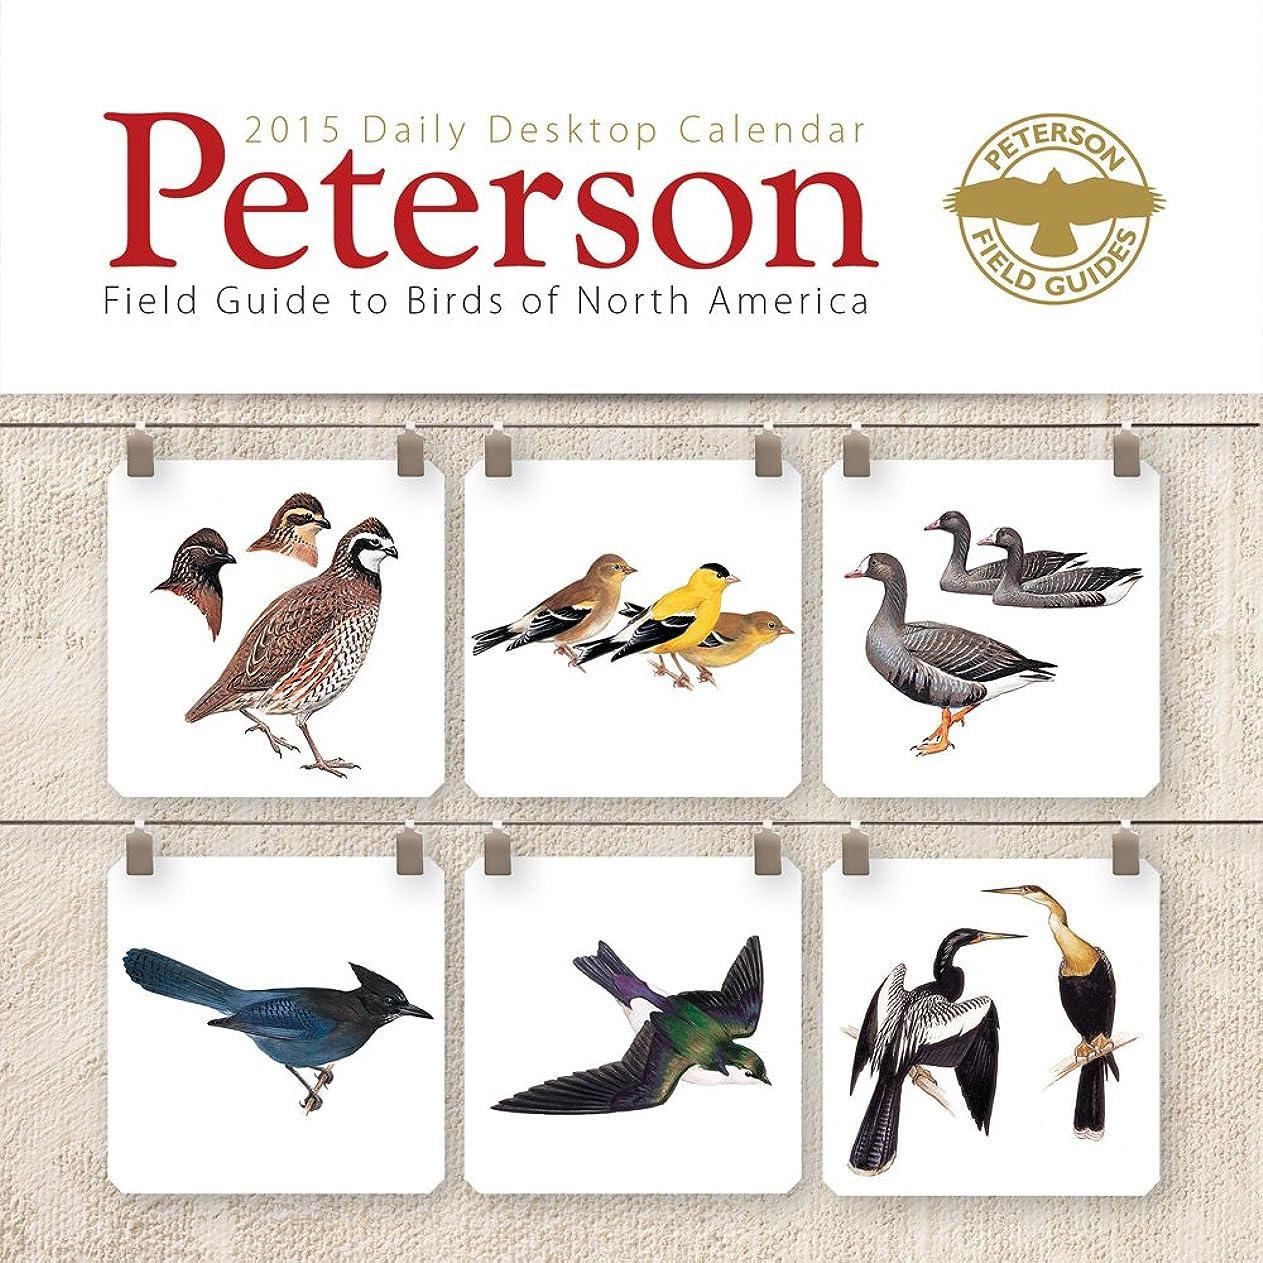 代わって反論スポーツマンPeterson Field Guide to Birds of North America 2015 Calendar